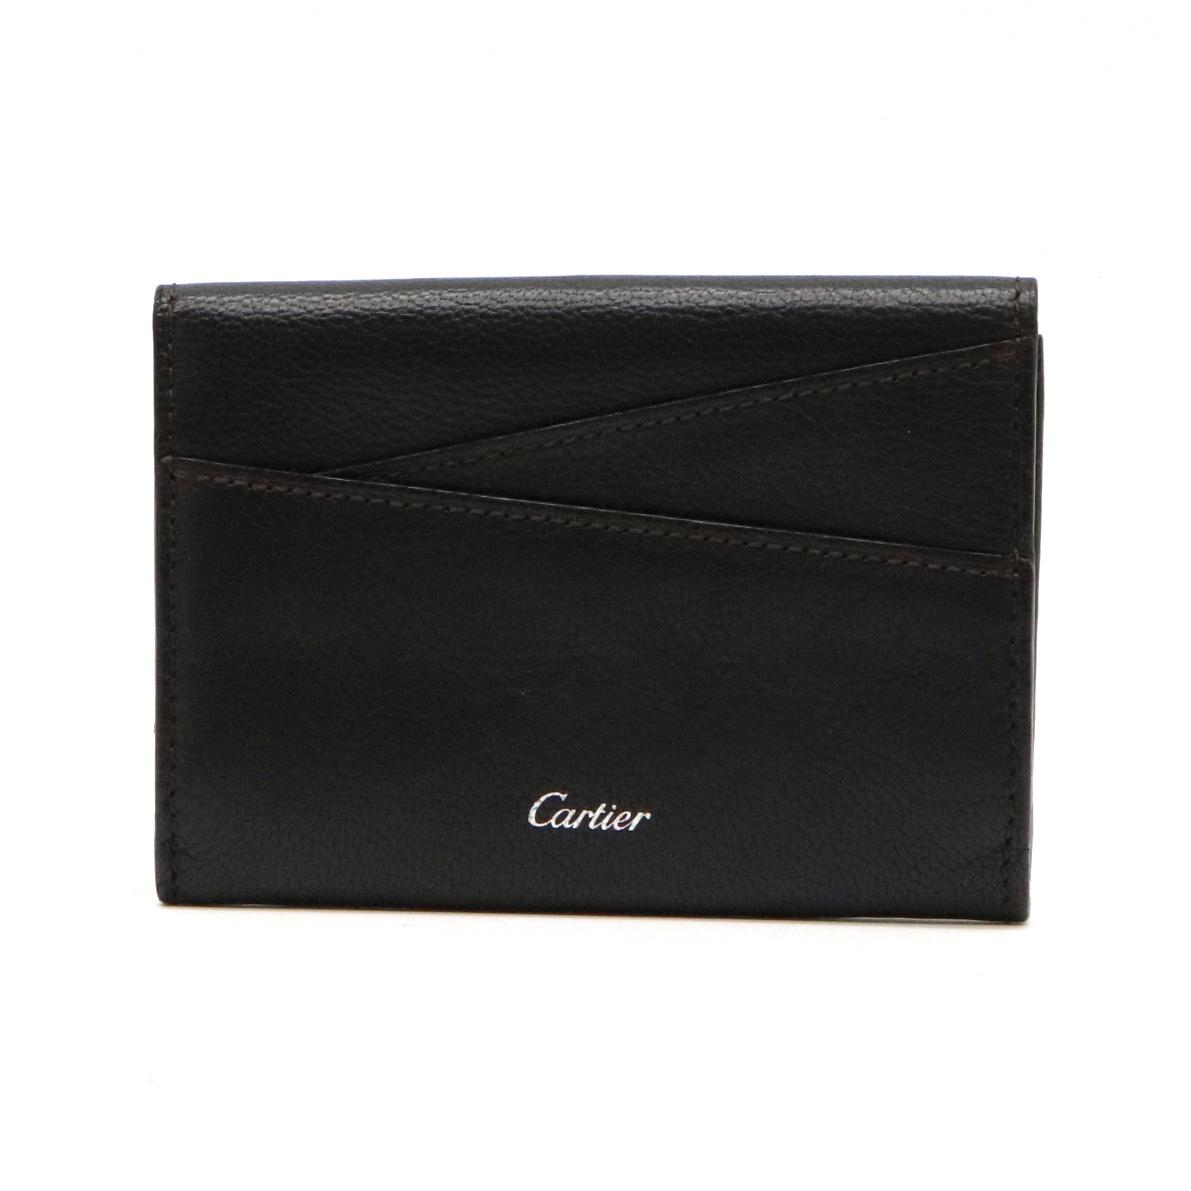 Cartier カルティエ レ マスト カードケース パスケース 名刺入れ レザー カーフ ブラック 黒 シルバー金具 【中古】